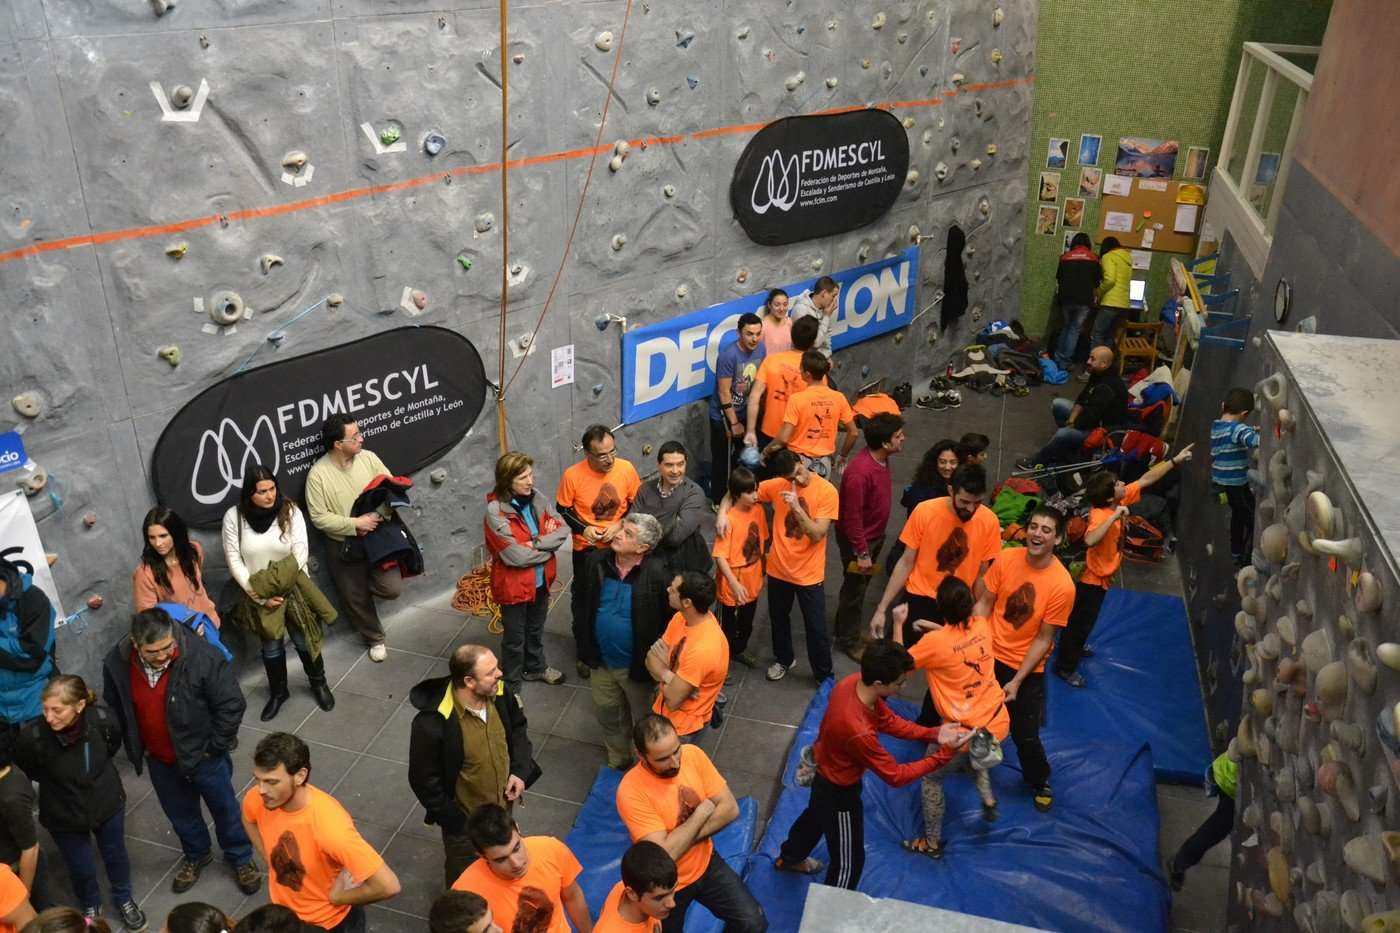 Imagen de la pasada edición del Campeonato de Escalada Ciudad de Burgos. /MONTAÑEROS BURGALESES